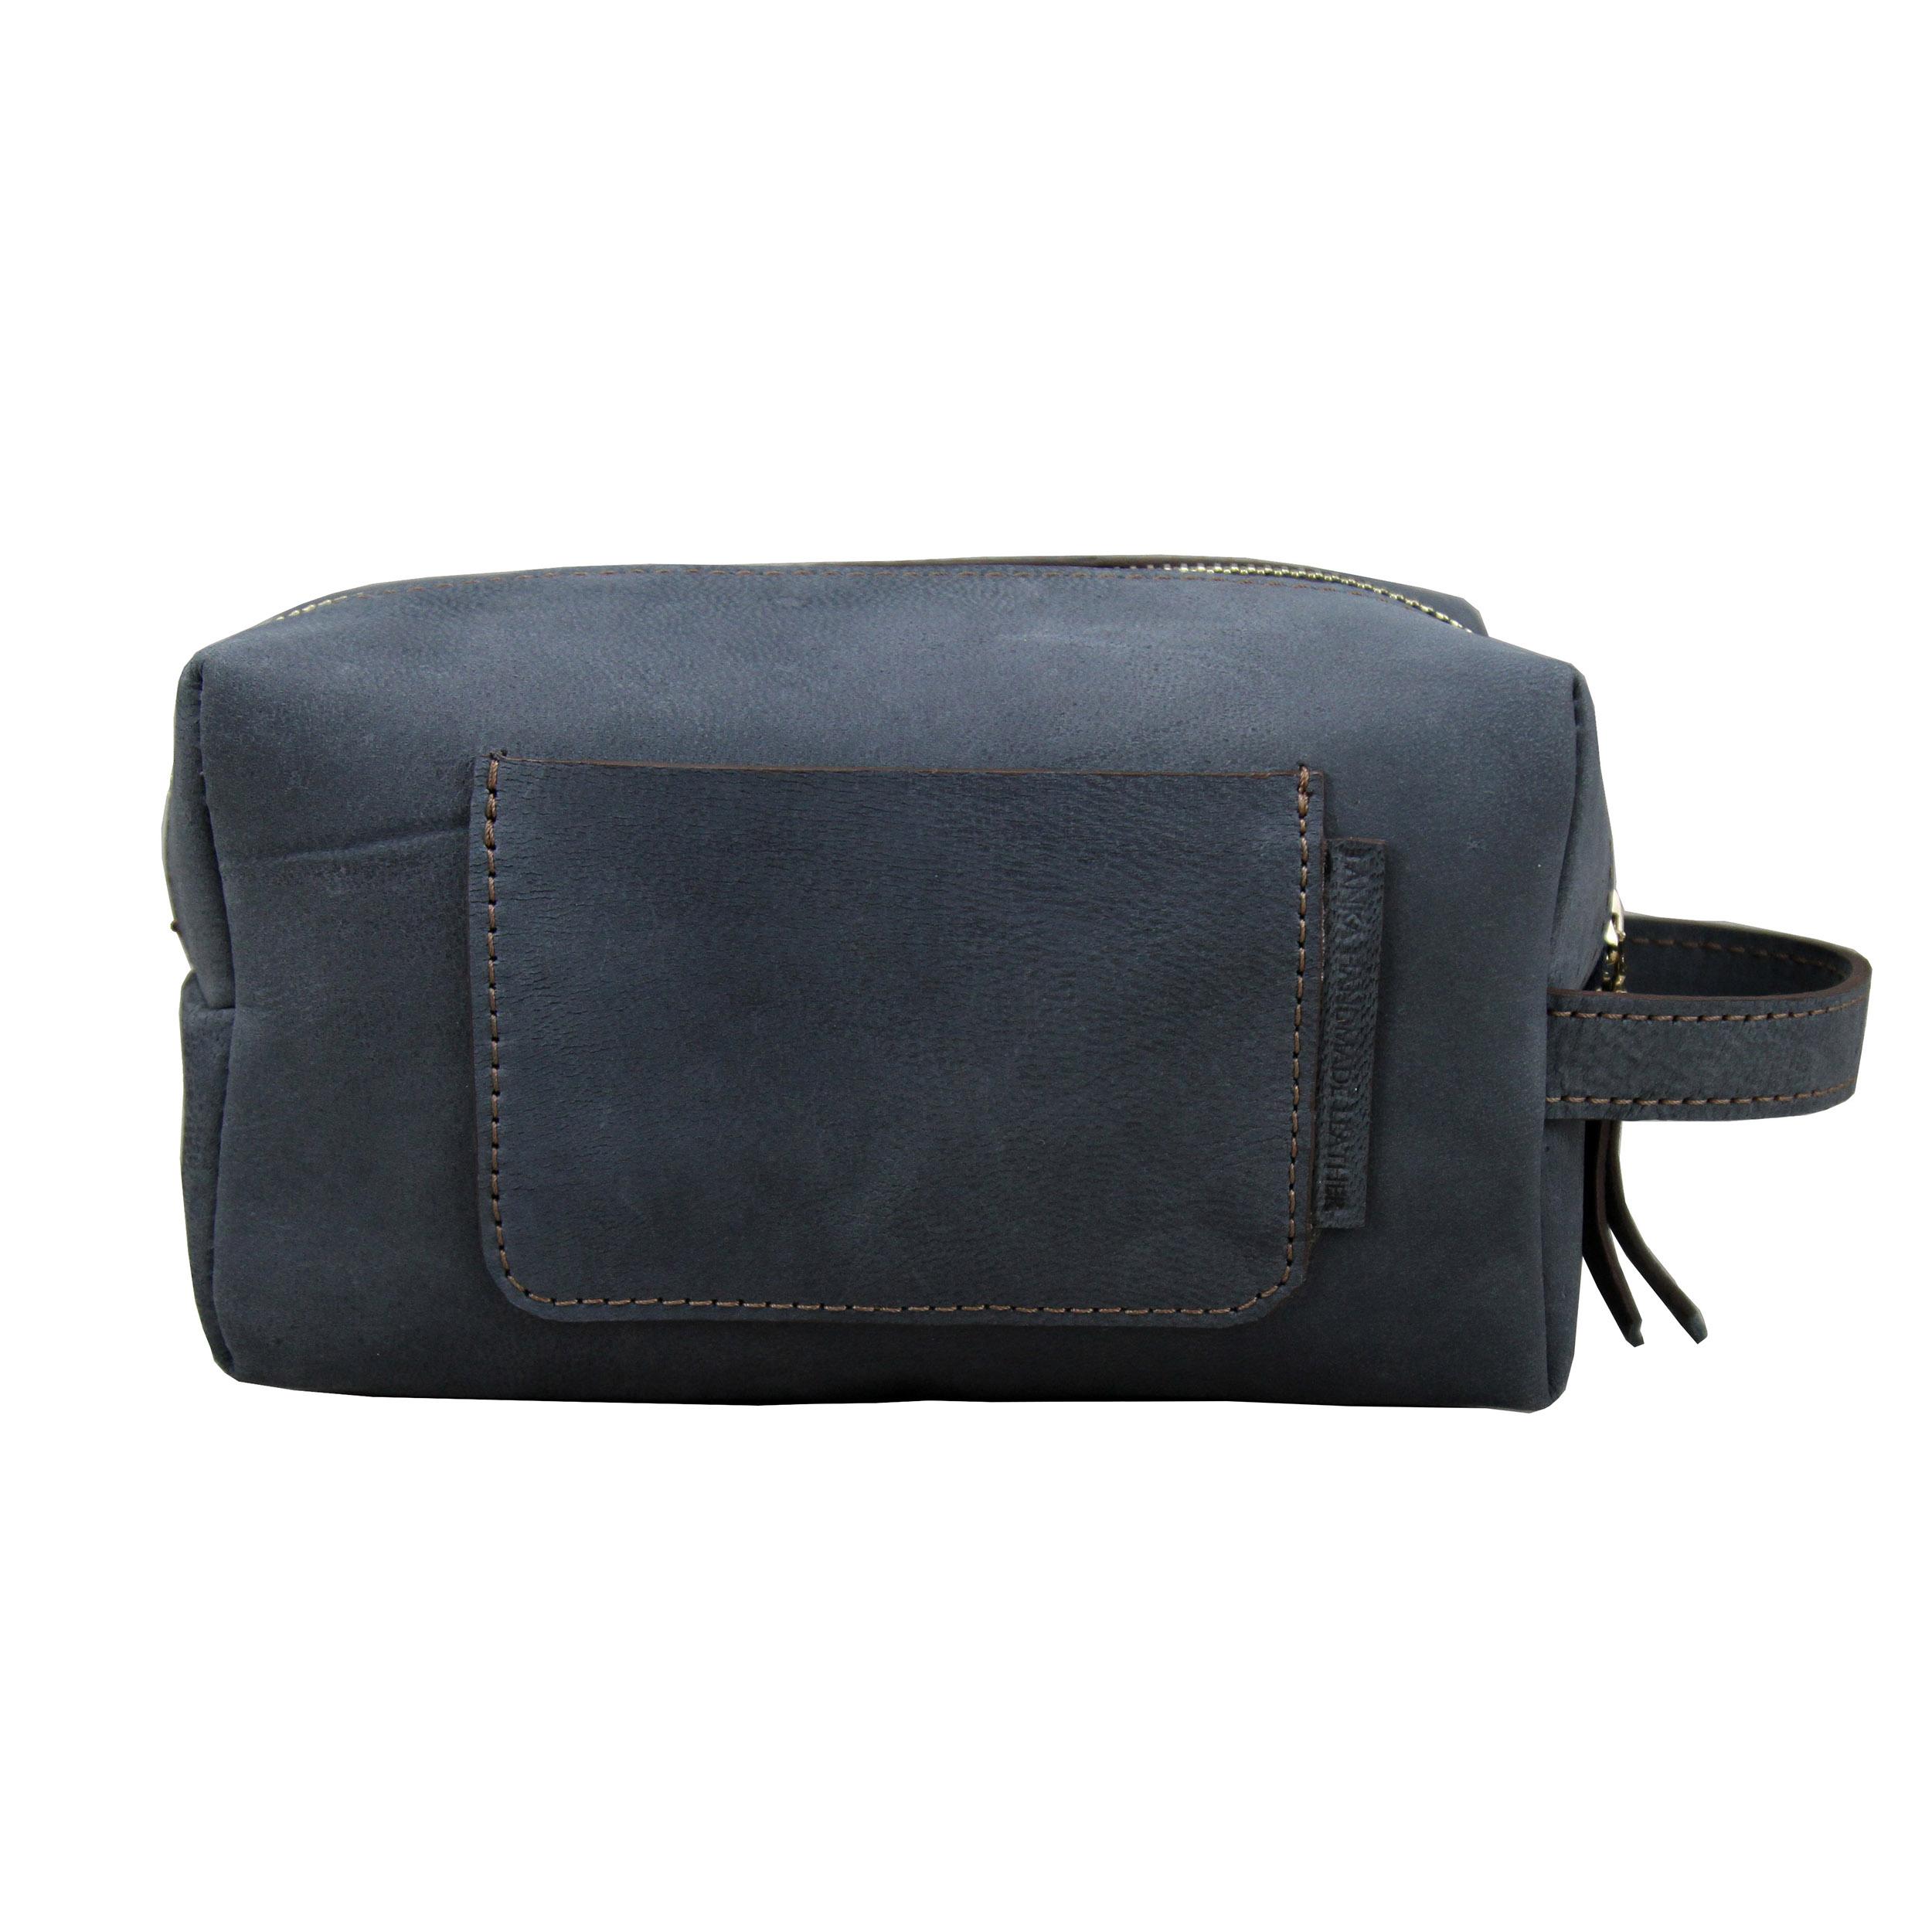 قیمت کیف لوازم آرایش مردانه چرم لانکا مدل CSB-2